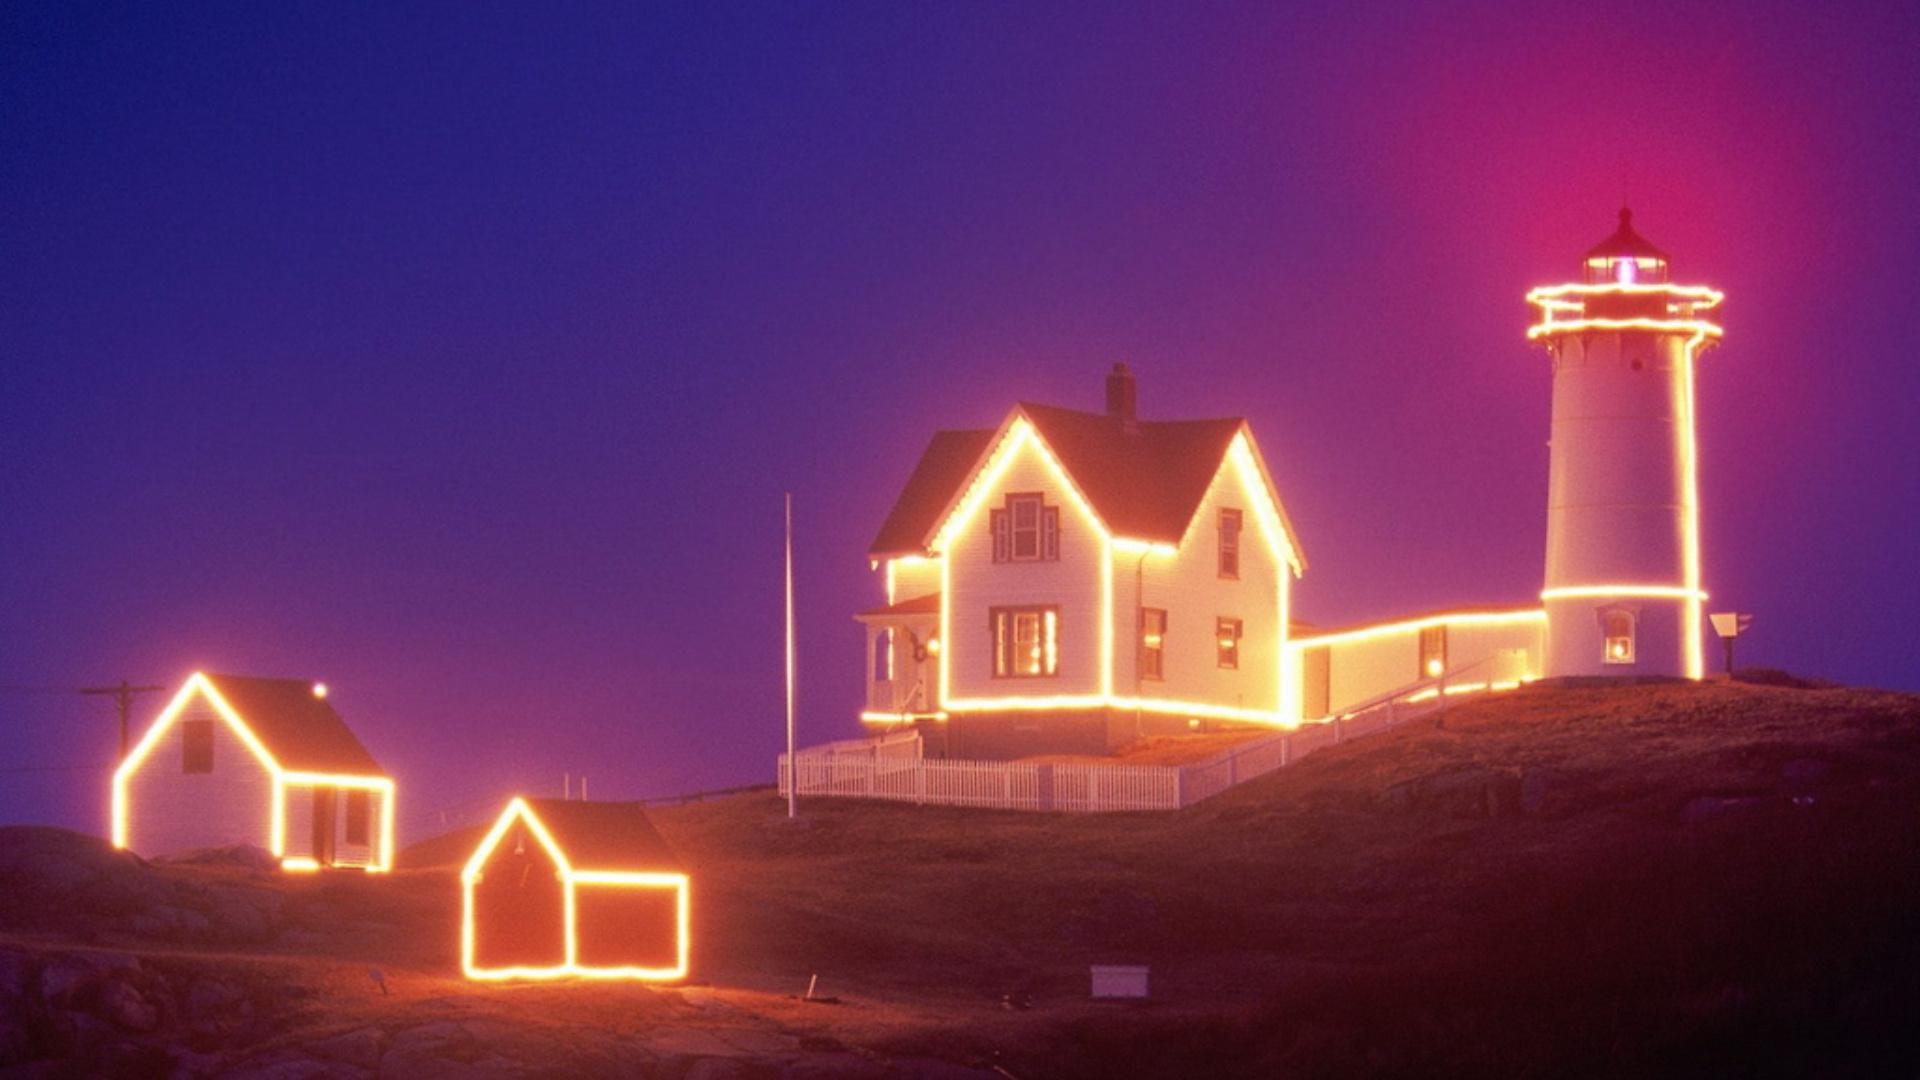 маяк, подсветка, новый год, дом, праздник, рождество